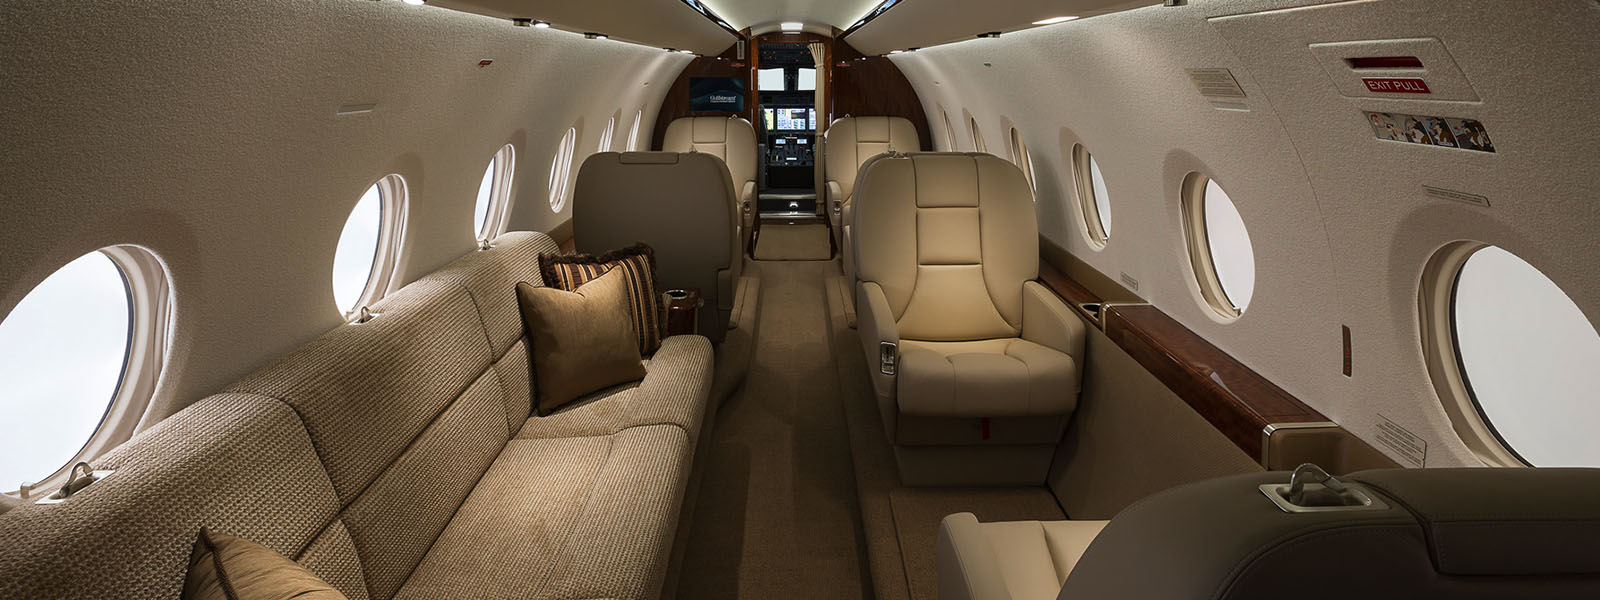 Gulfstream G200 2.jpg